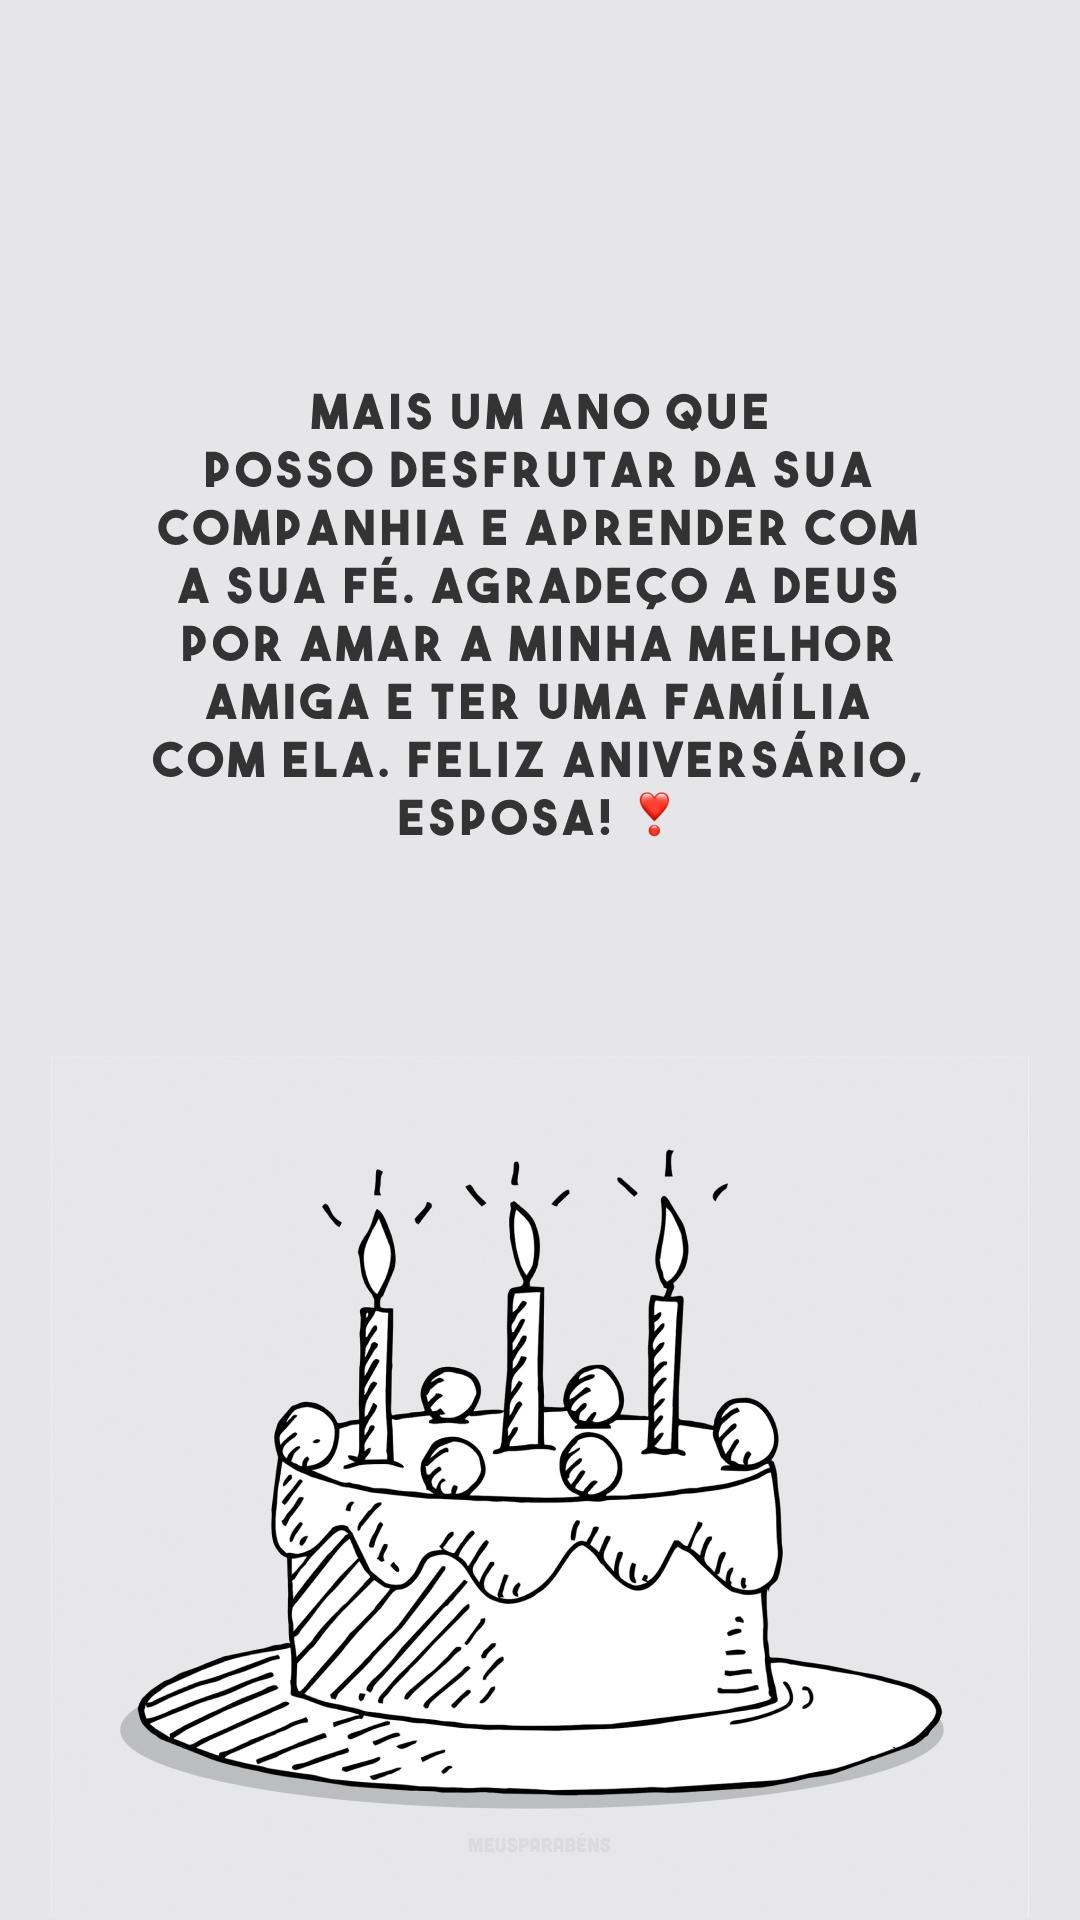 Mais um ano que posso desfrutar da sua companhia e aprender com a sua fé. Agradeço a Deus por amar a minha melhor amiga e ter uma família com ela. Feliz aniversário, esposa! ❣️